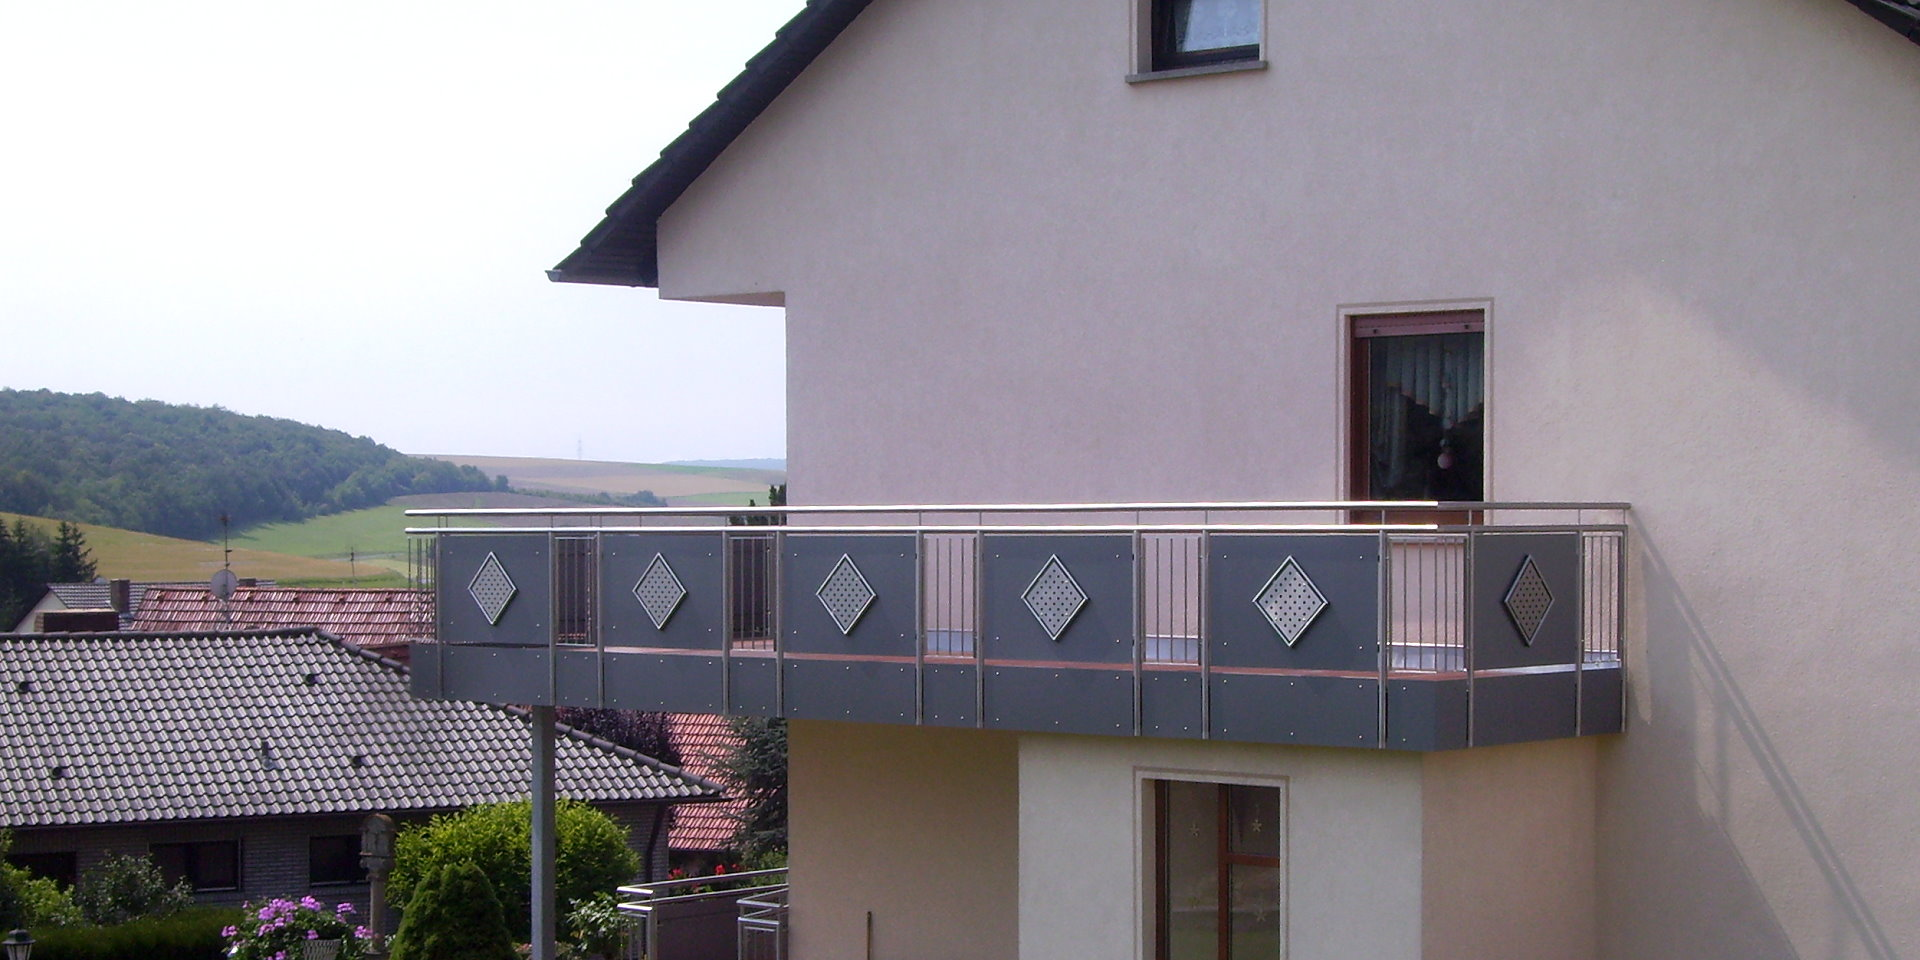 balkonbretter kunststoff holzoptik balkongel nder aus holz selber bauen balkongel nder 19. Black Bedroom Furniture Sets. Home Design Ideas